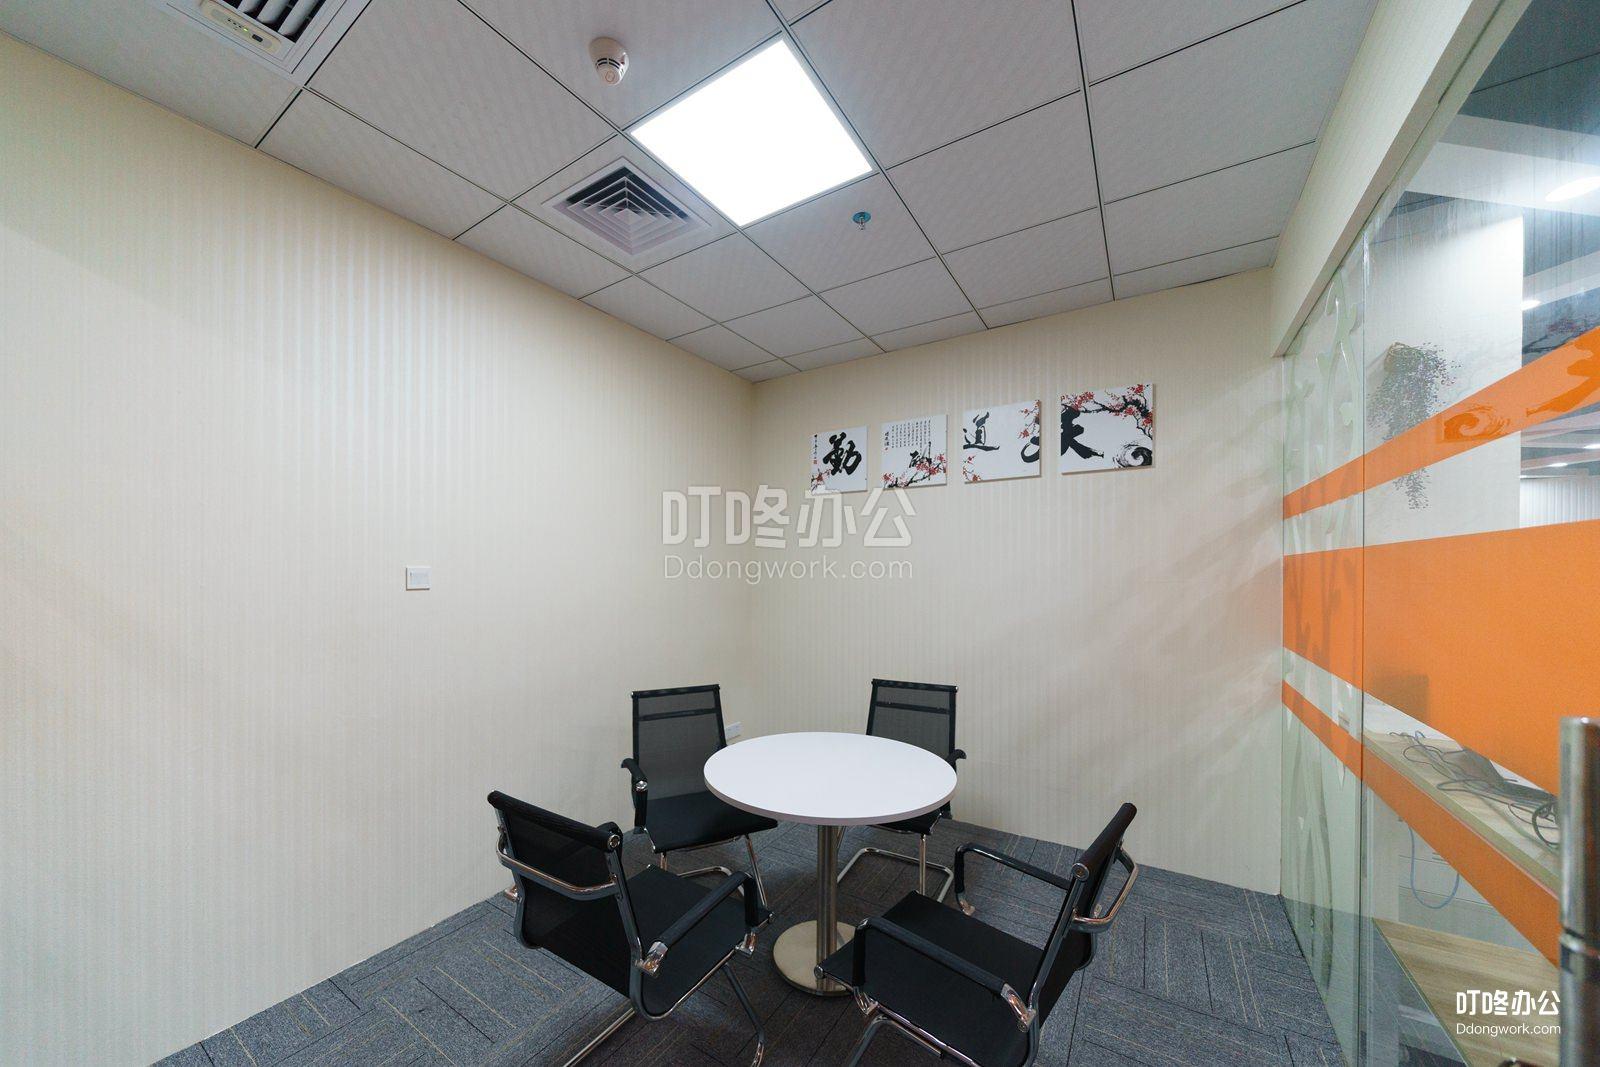 梦工场创客空间会议室